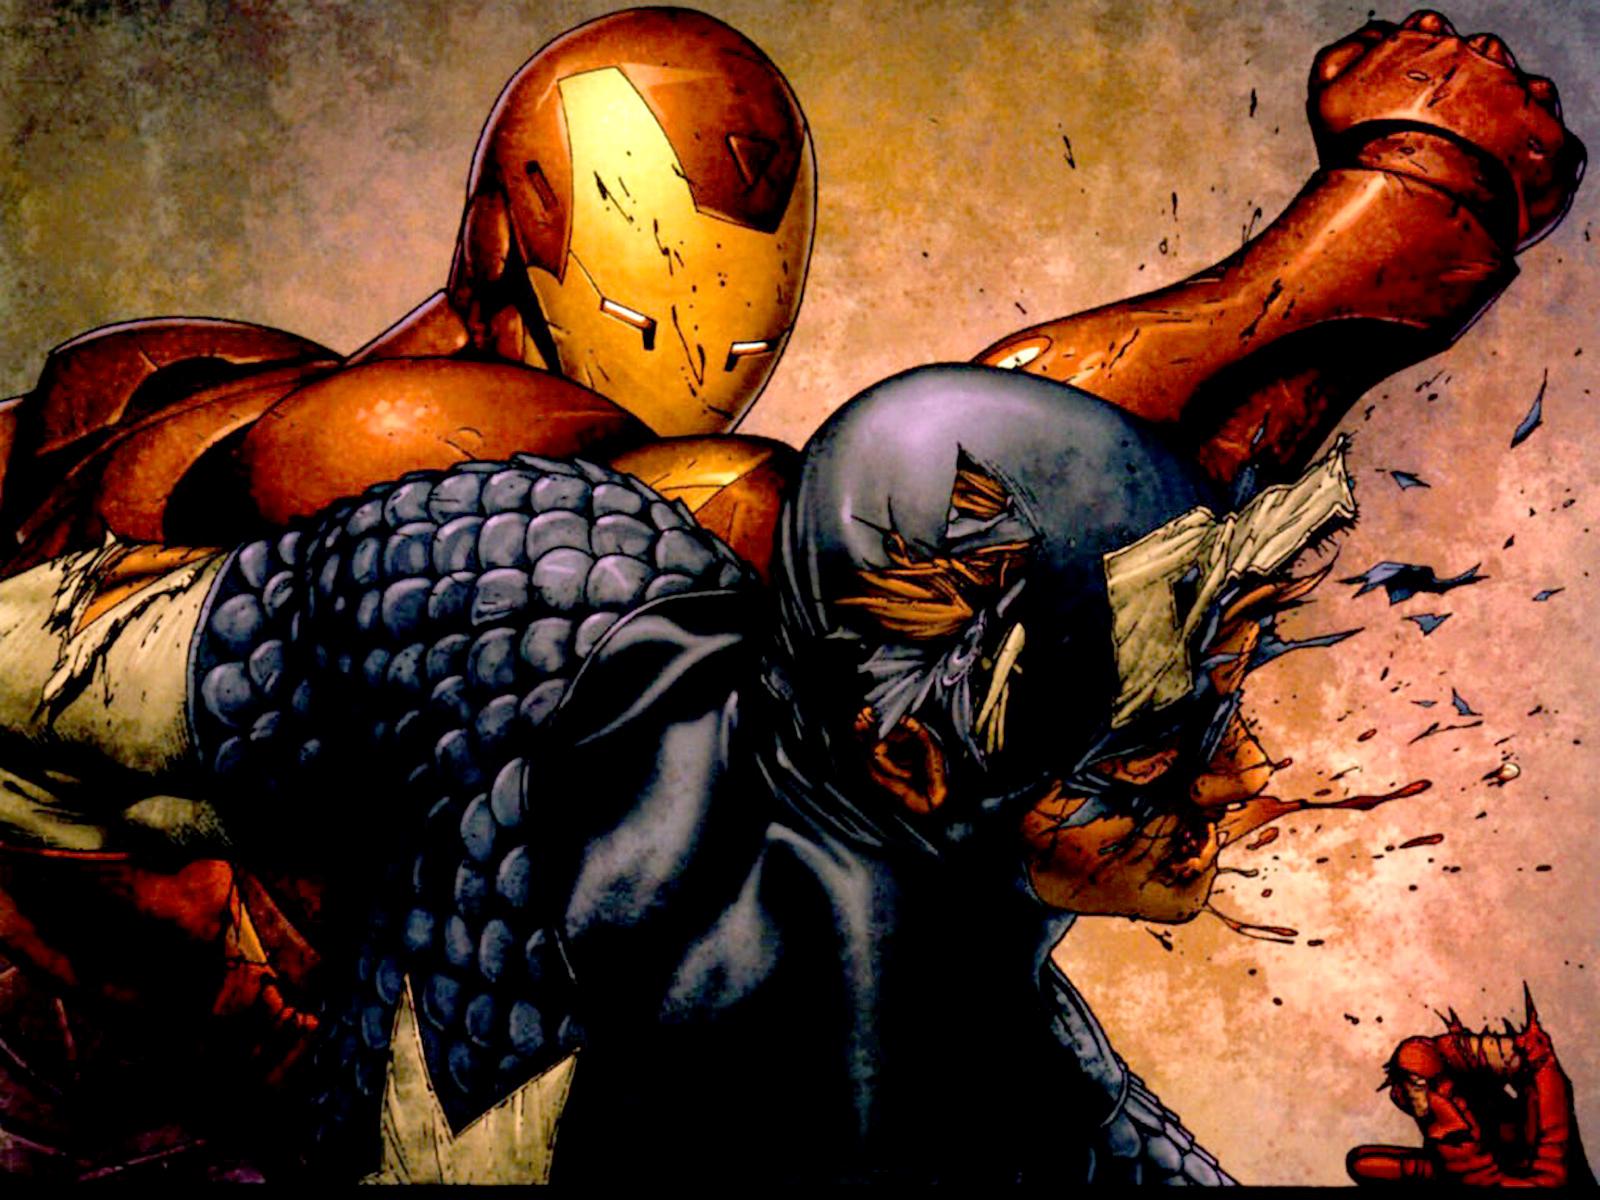 http://2.bp.blogspot.com/-uDBu1EhJ1PE/T2iPpY3DAdI/AAAAAAAAA6c/fKs459WrD6o/s1600/Iron_Man_vs_Captain_America_HD_Comics_Wallpaper.jpg